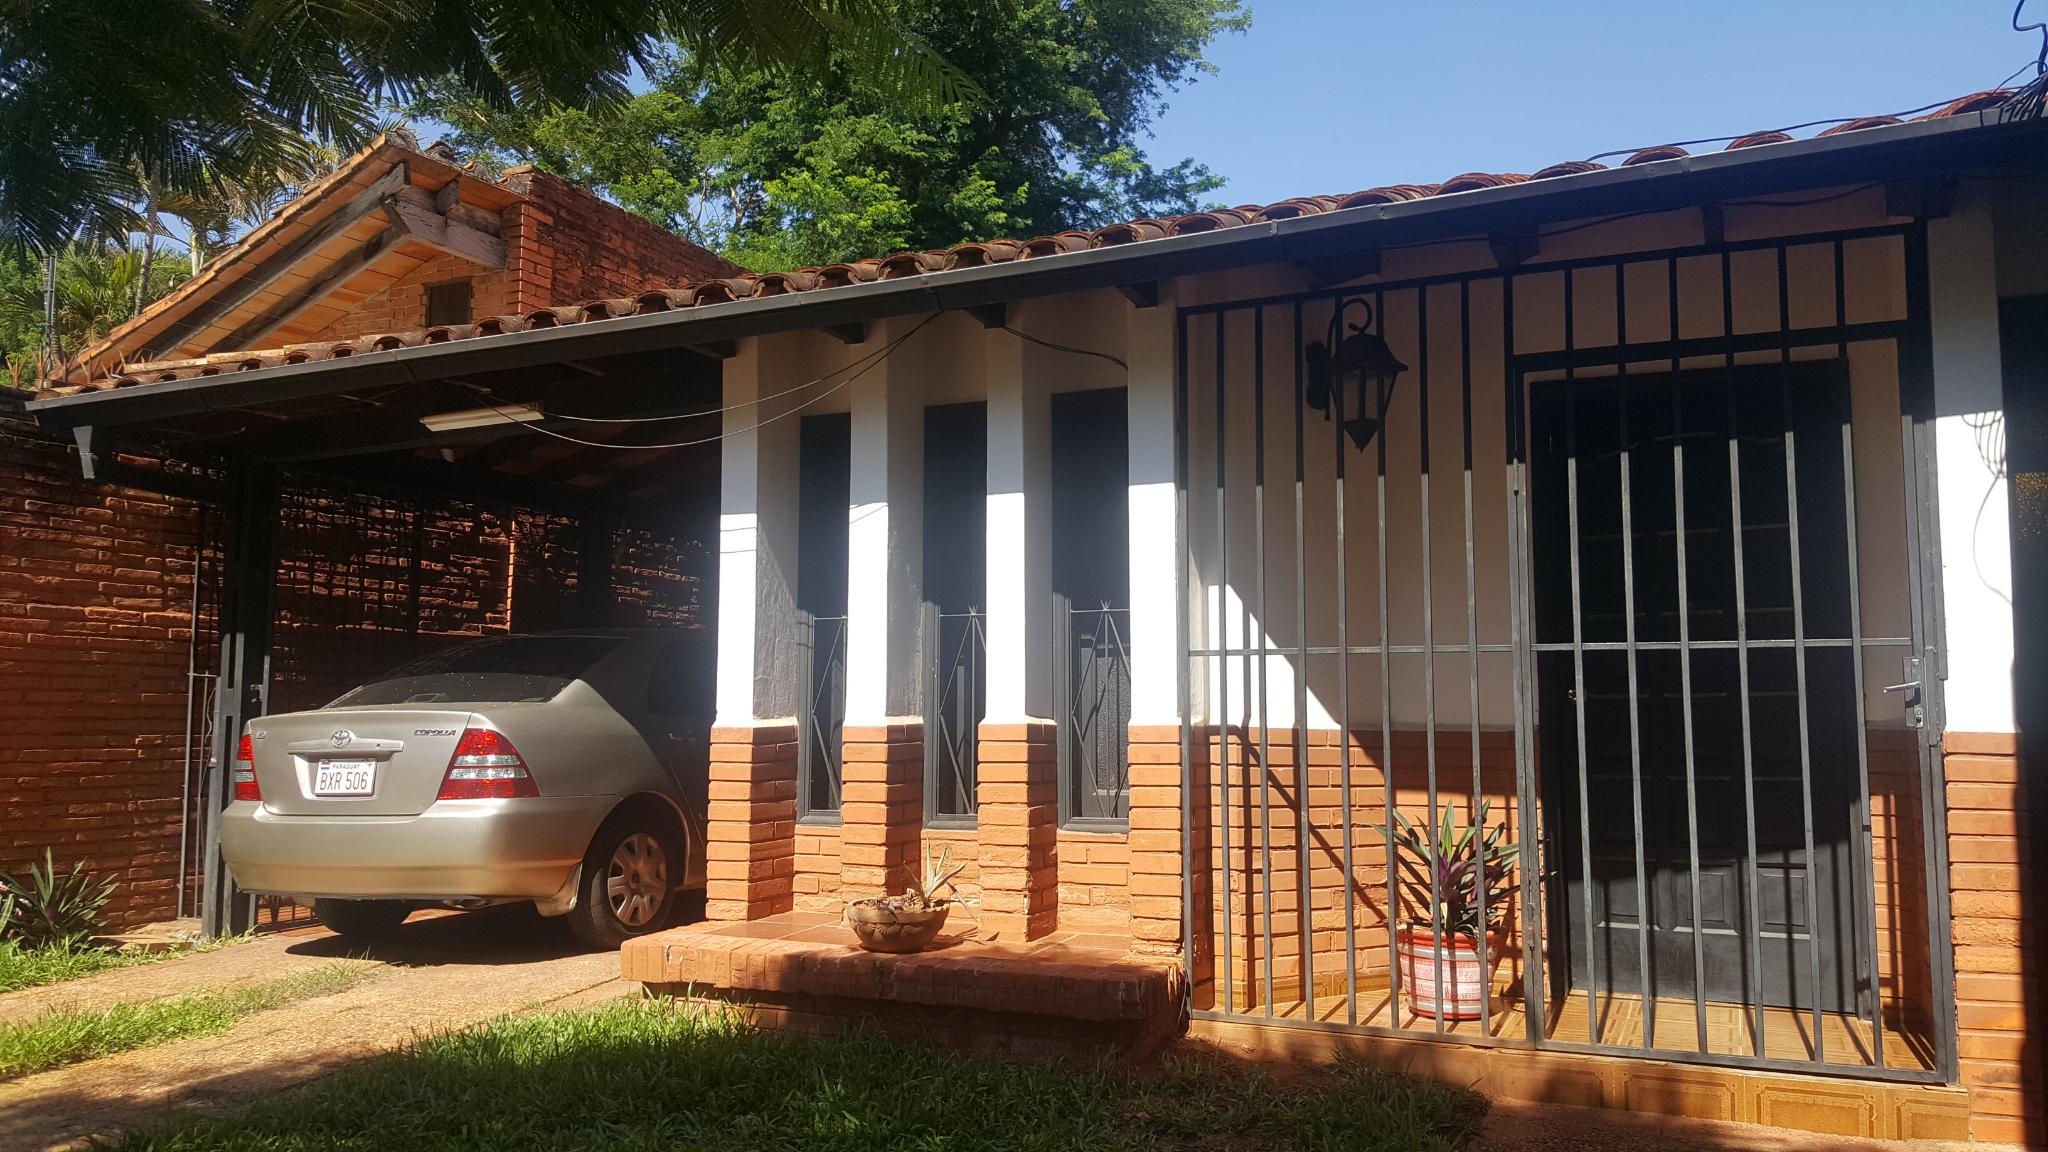 Vendo Chalet Ideal Para Refaccionar En El Mangal, Hermosa Zona Residencial